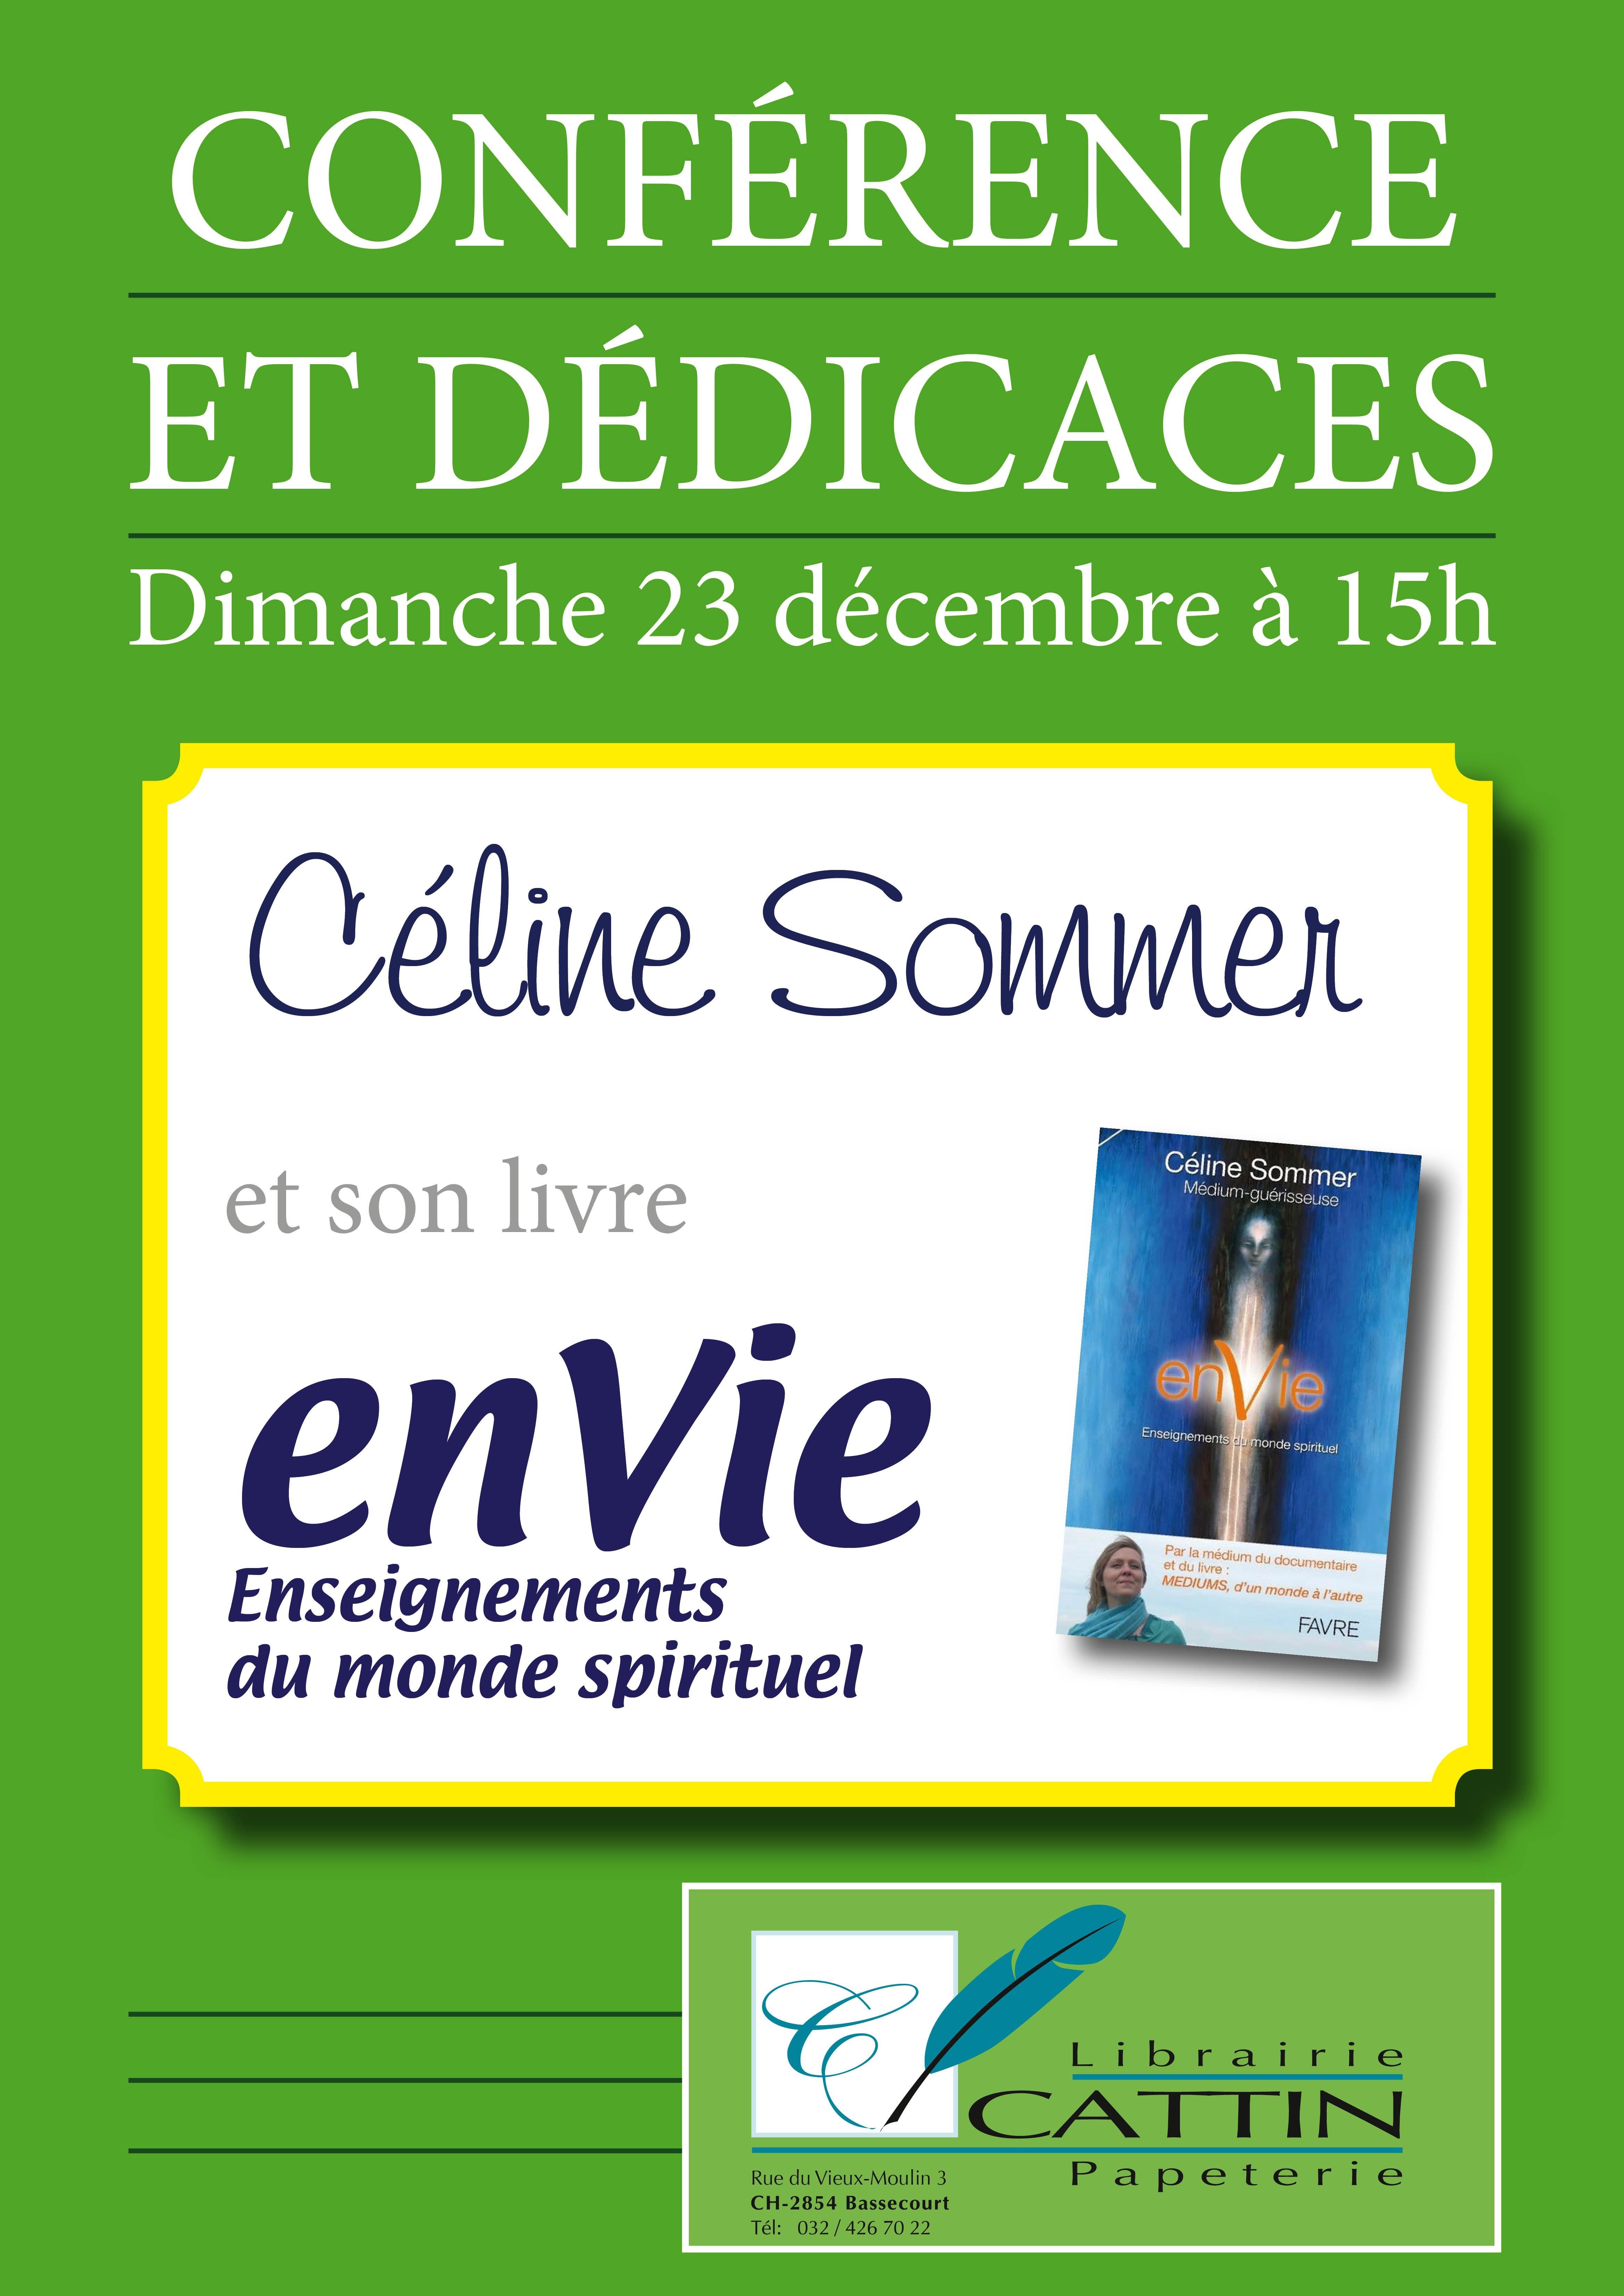 Conférence et dédicaces à la librairie Cattin, Bassecourt (JU) – dimanche 23 décembre dès 15h00